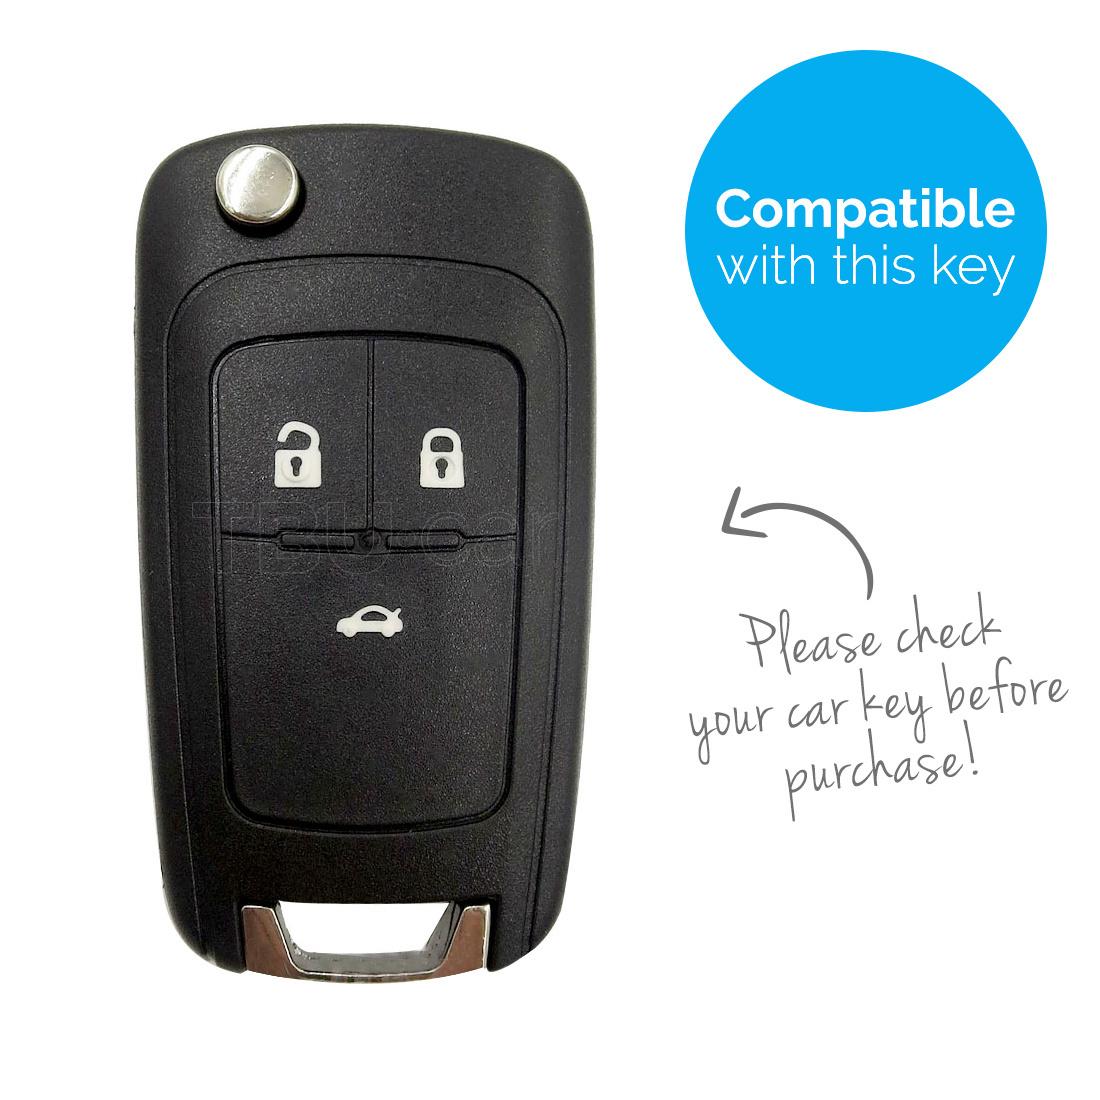 TBU car TBU car Sleutel cover compatibel met Chevrolet - Silicone sleutelhoesje - beschermhoesje autosleutel - Lime groen